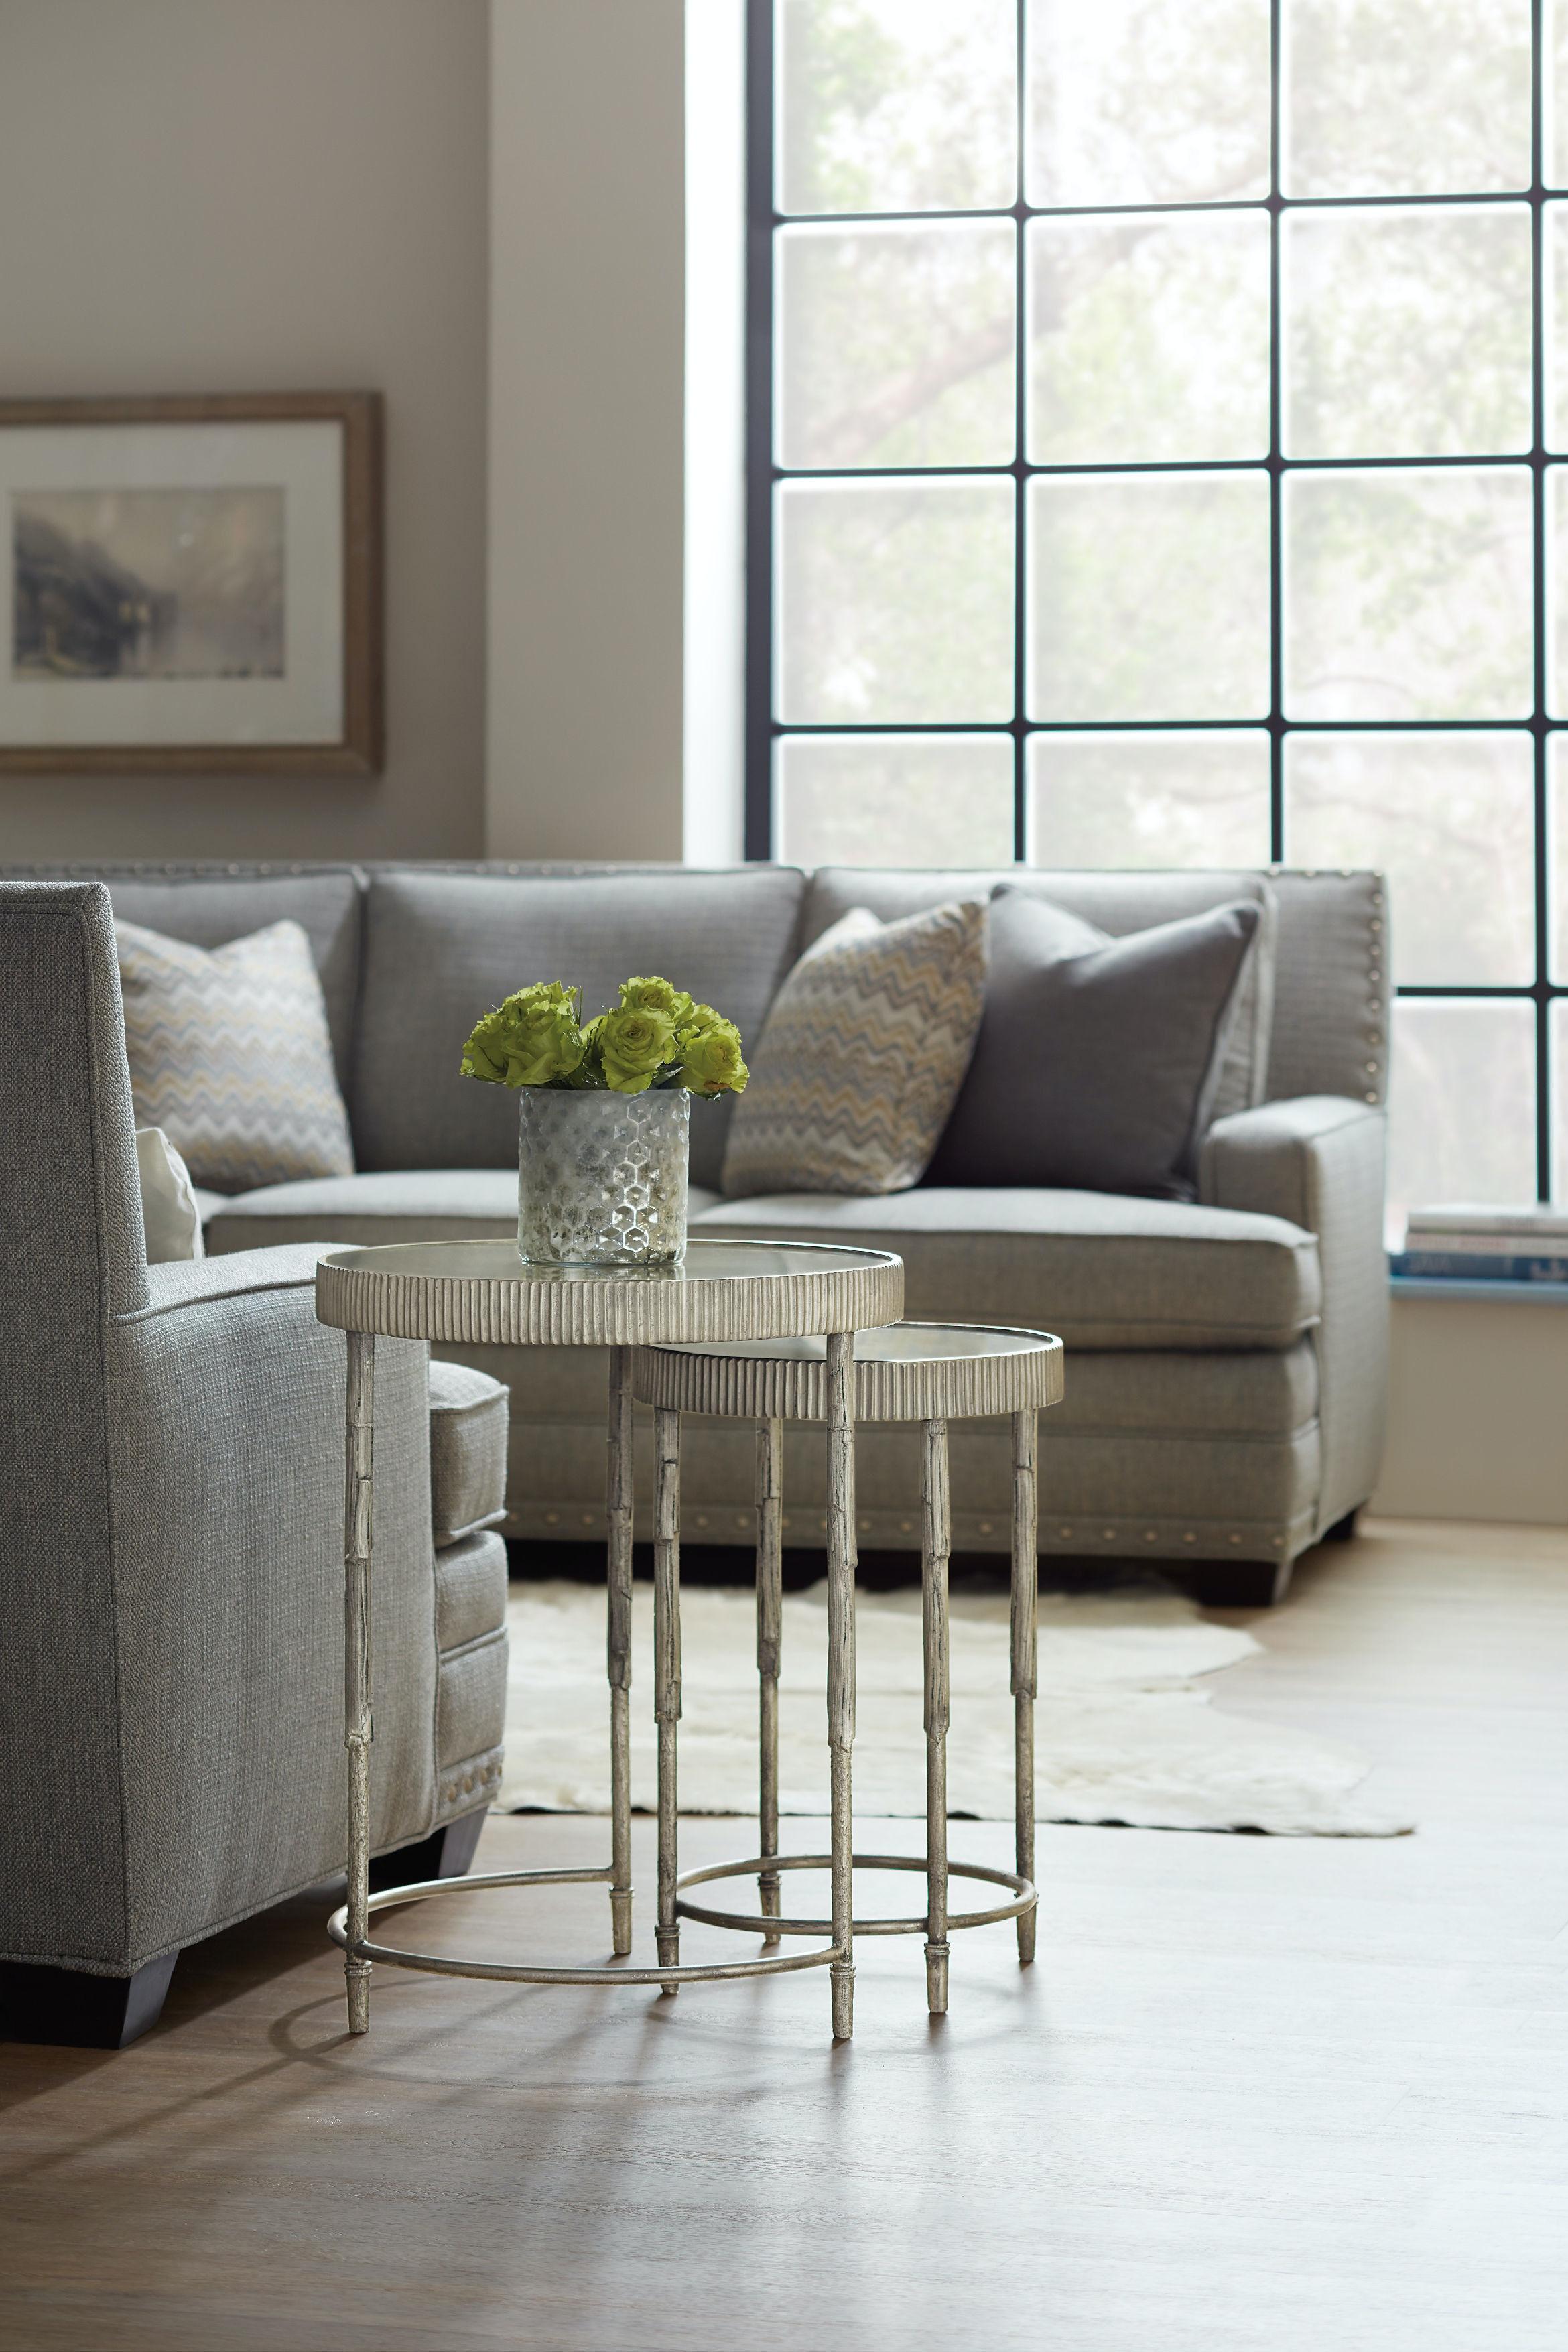 hooker furniture living room accent nesting tables 5594 50001 slv. Black Bedroom Furniture Sets. Home Design Ideas